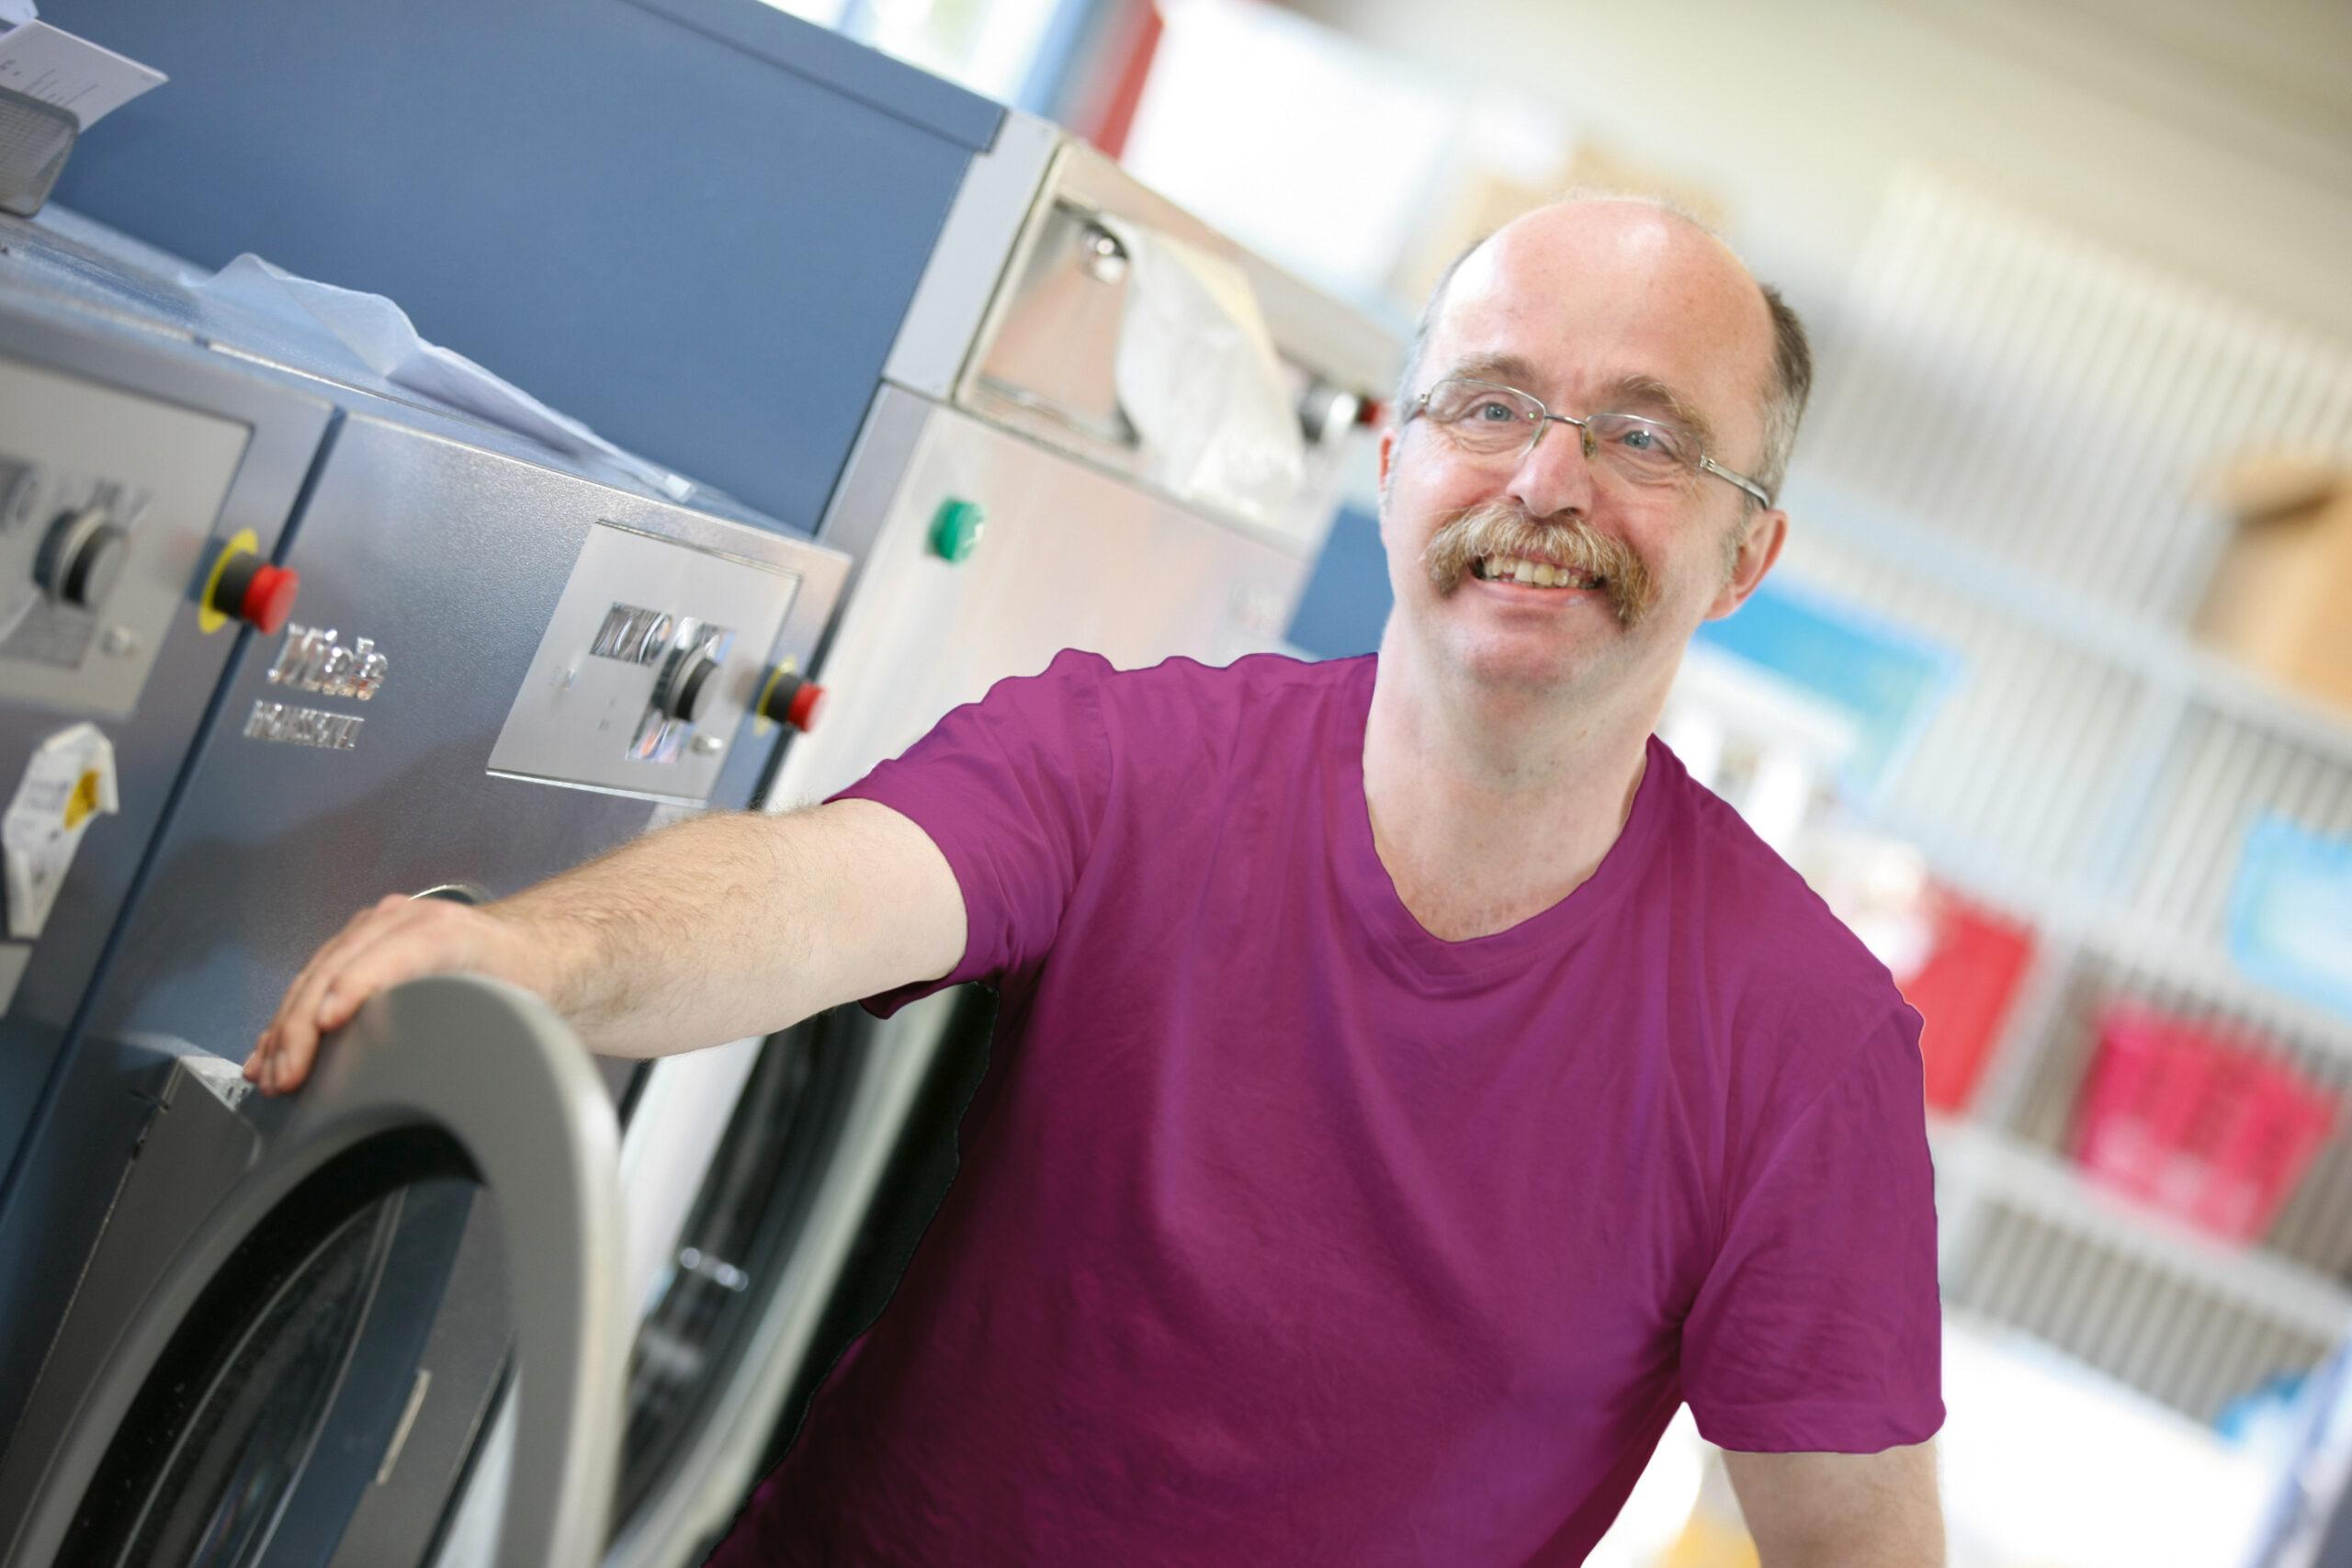 Mann an Waschmaschine